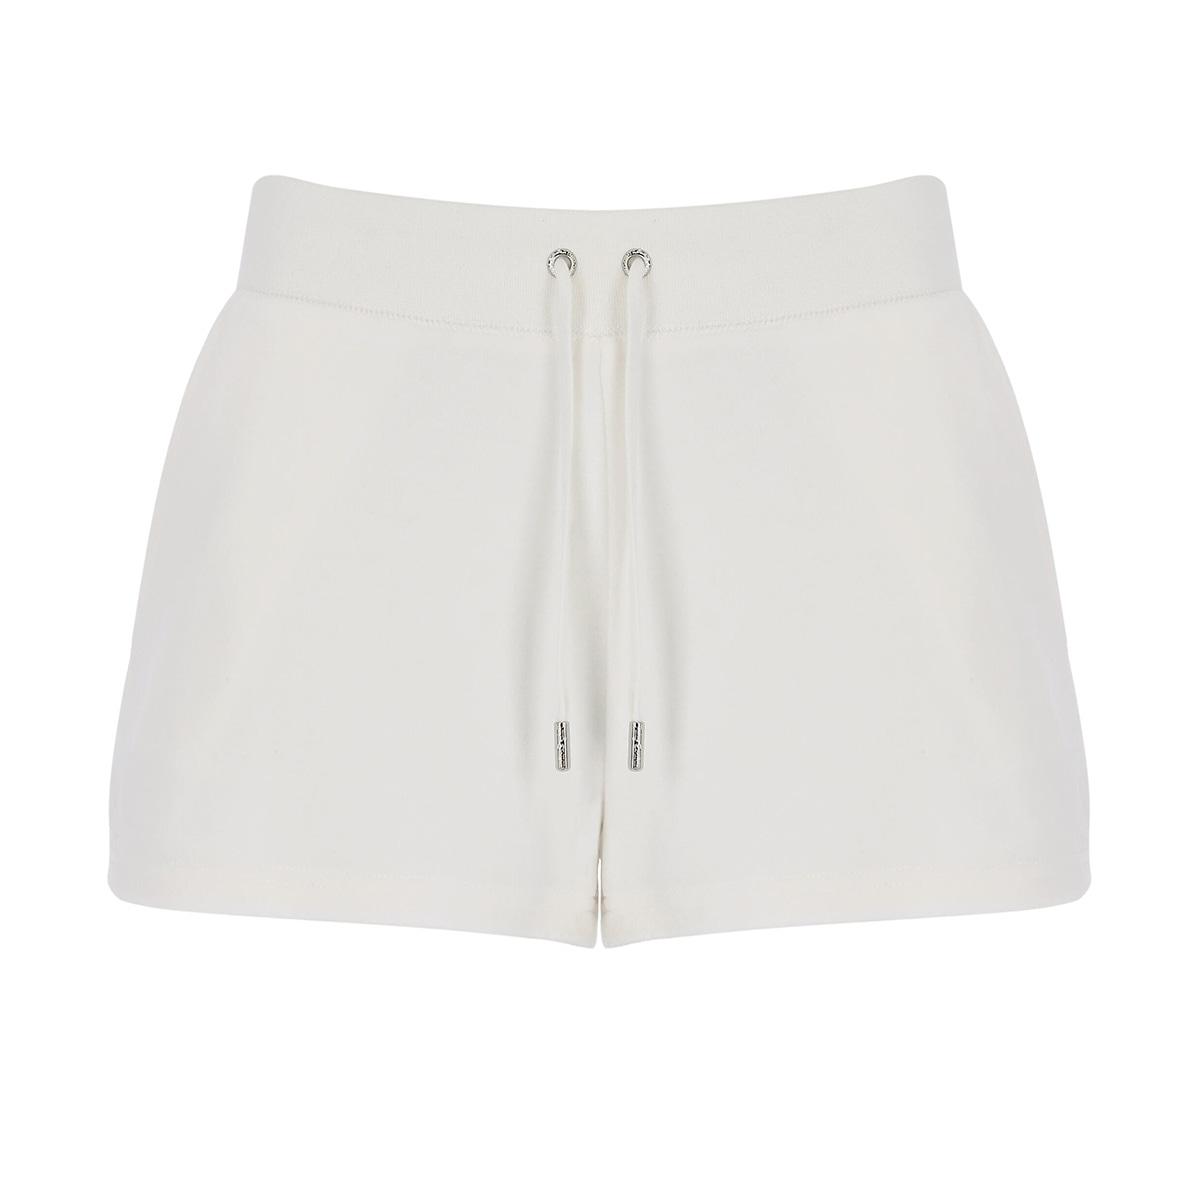 Juicy Couture - Shorts Eve Cotton Rich Sugar Swizzle